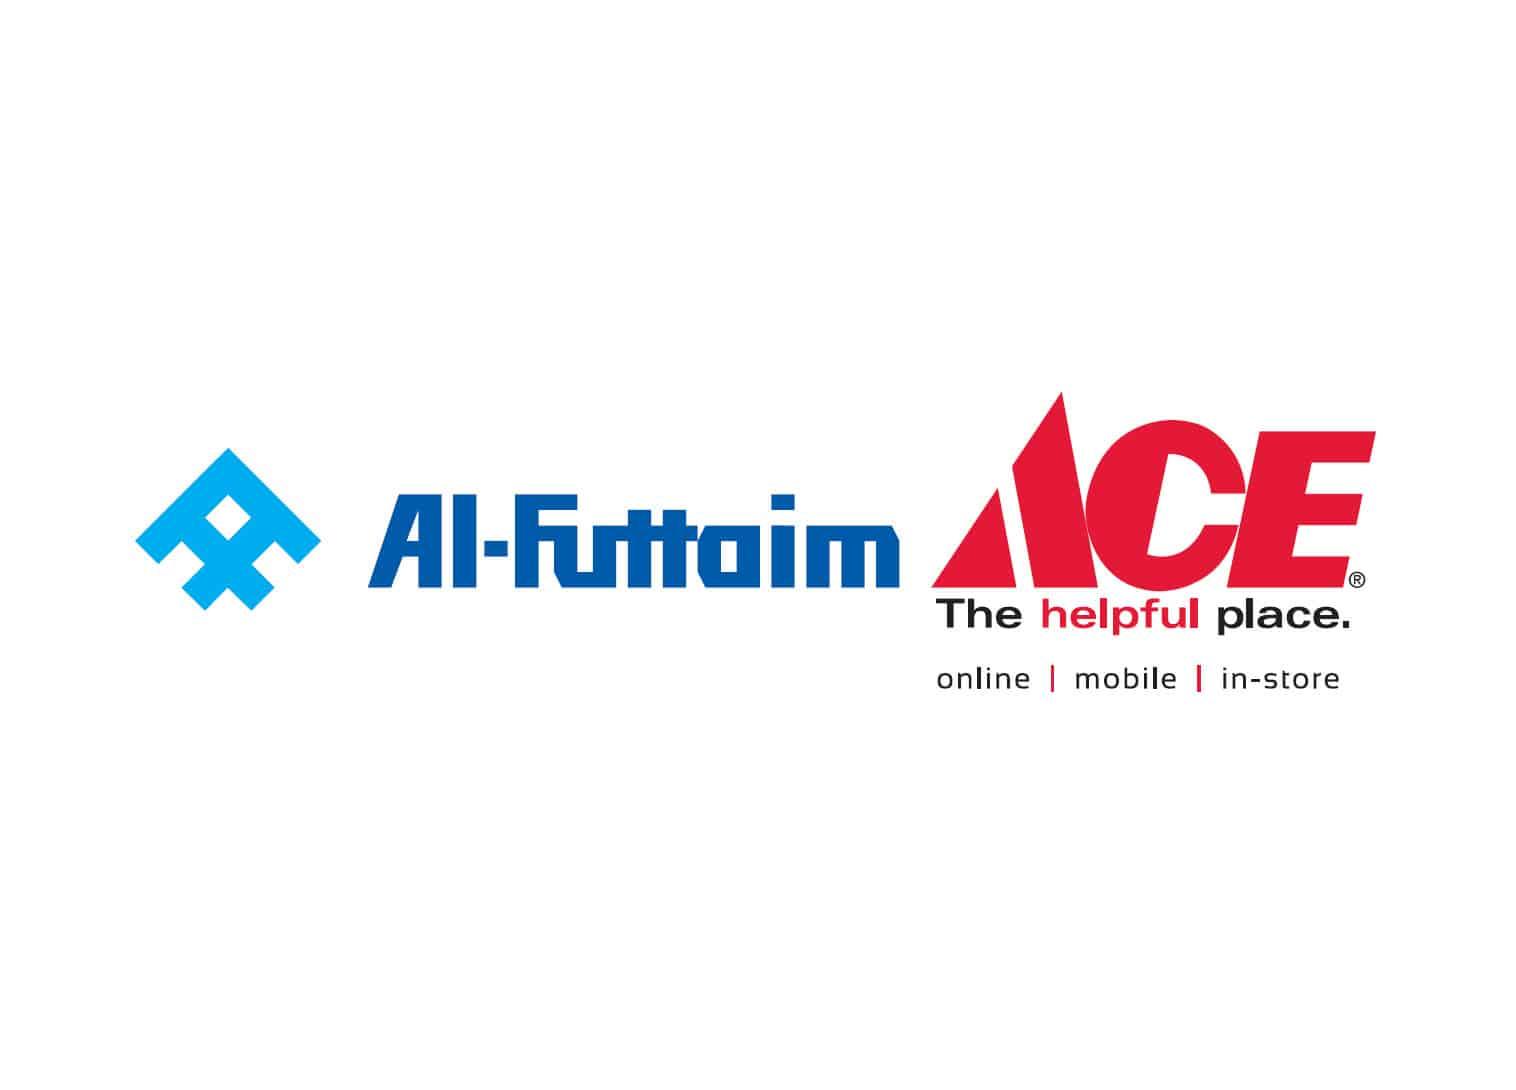 Al-Futtaim ACE is now open in Ras Al Khaimah